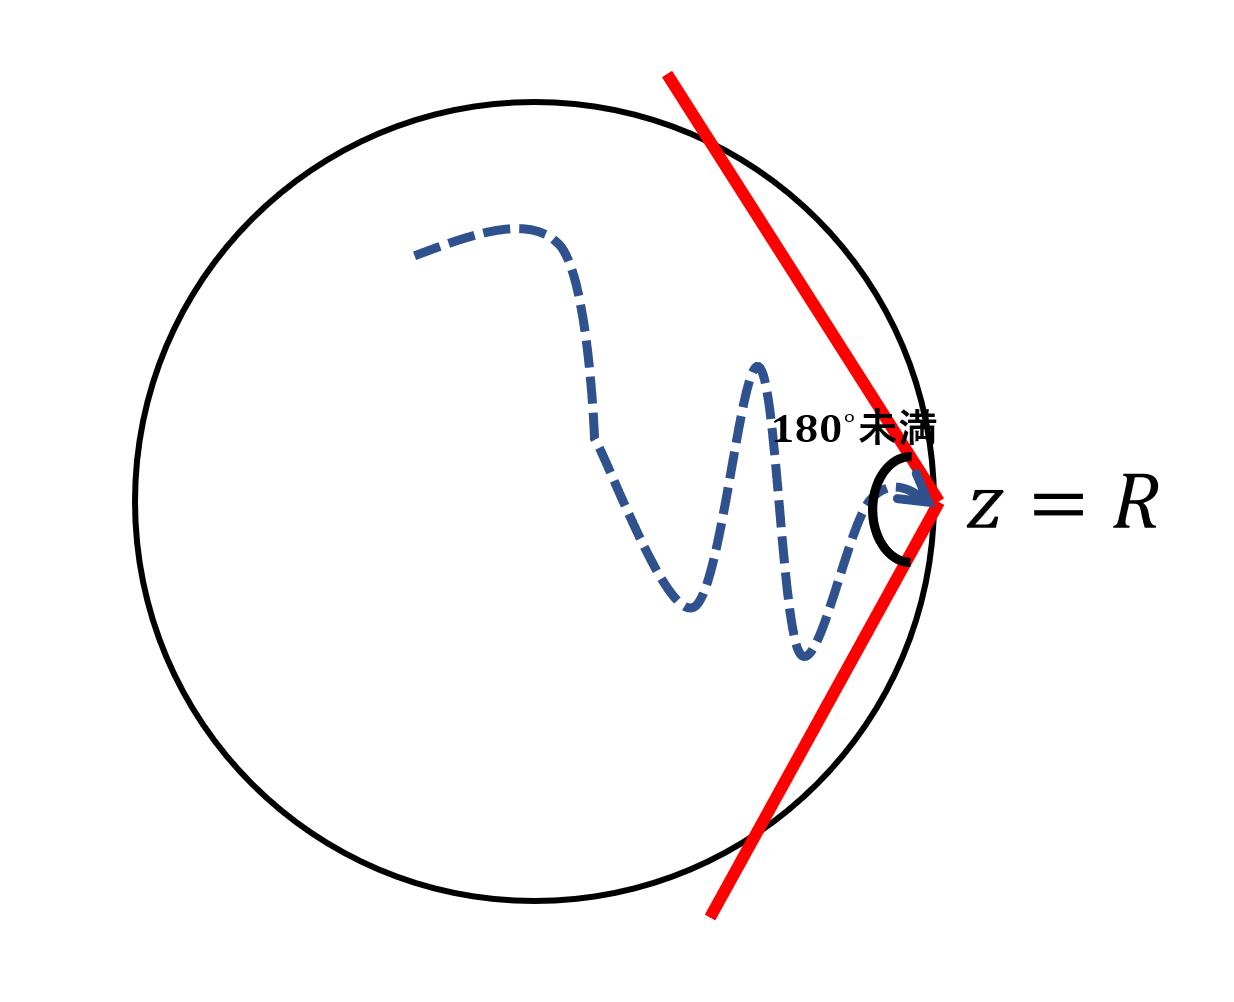 べき級数におけるアーベルの定理とその応用例・証明